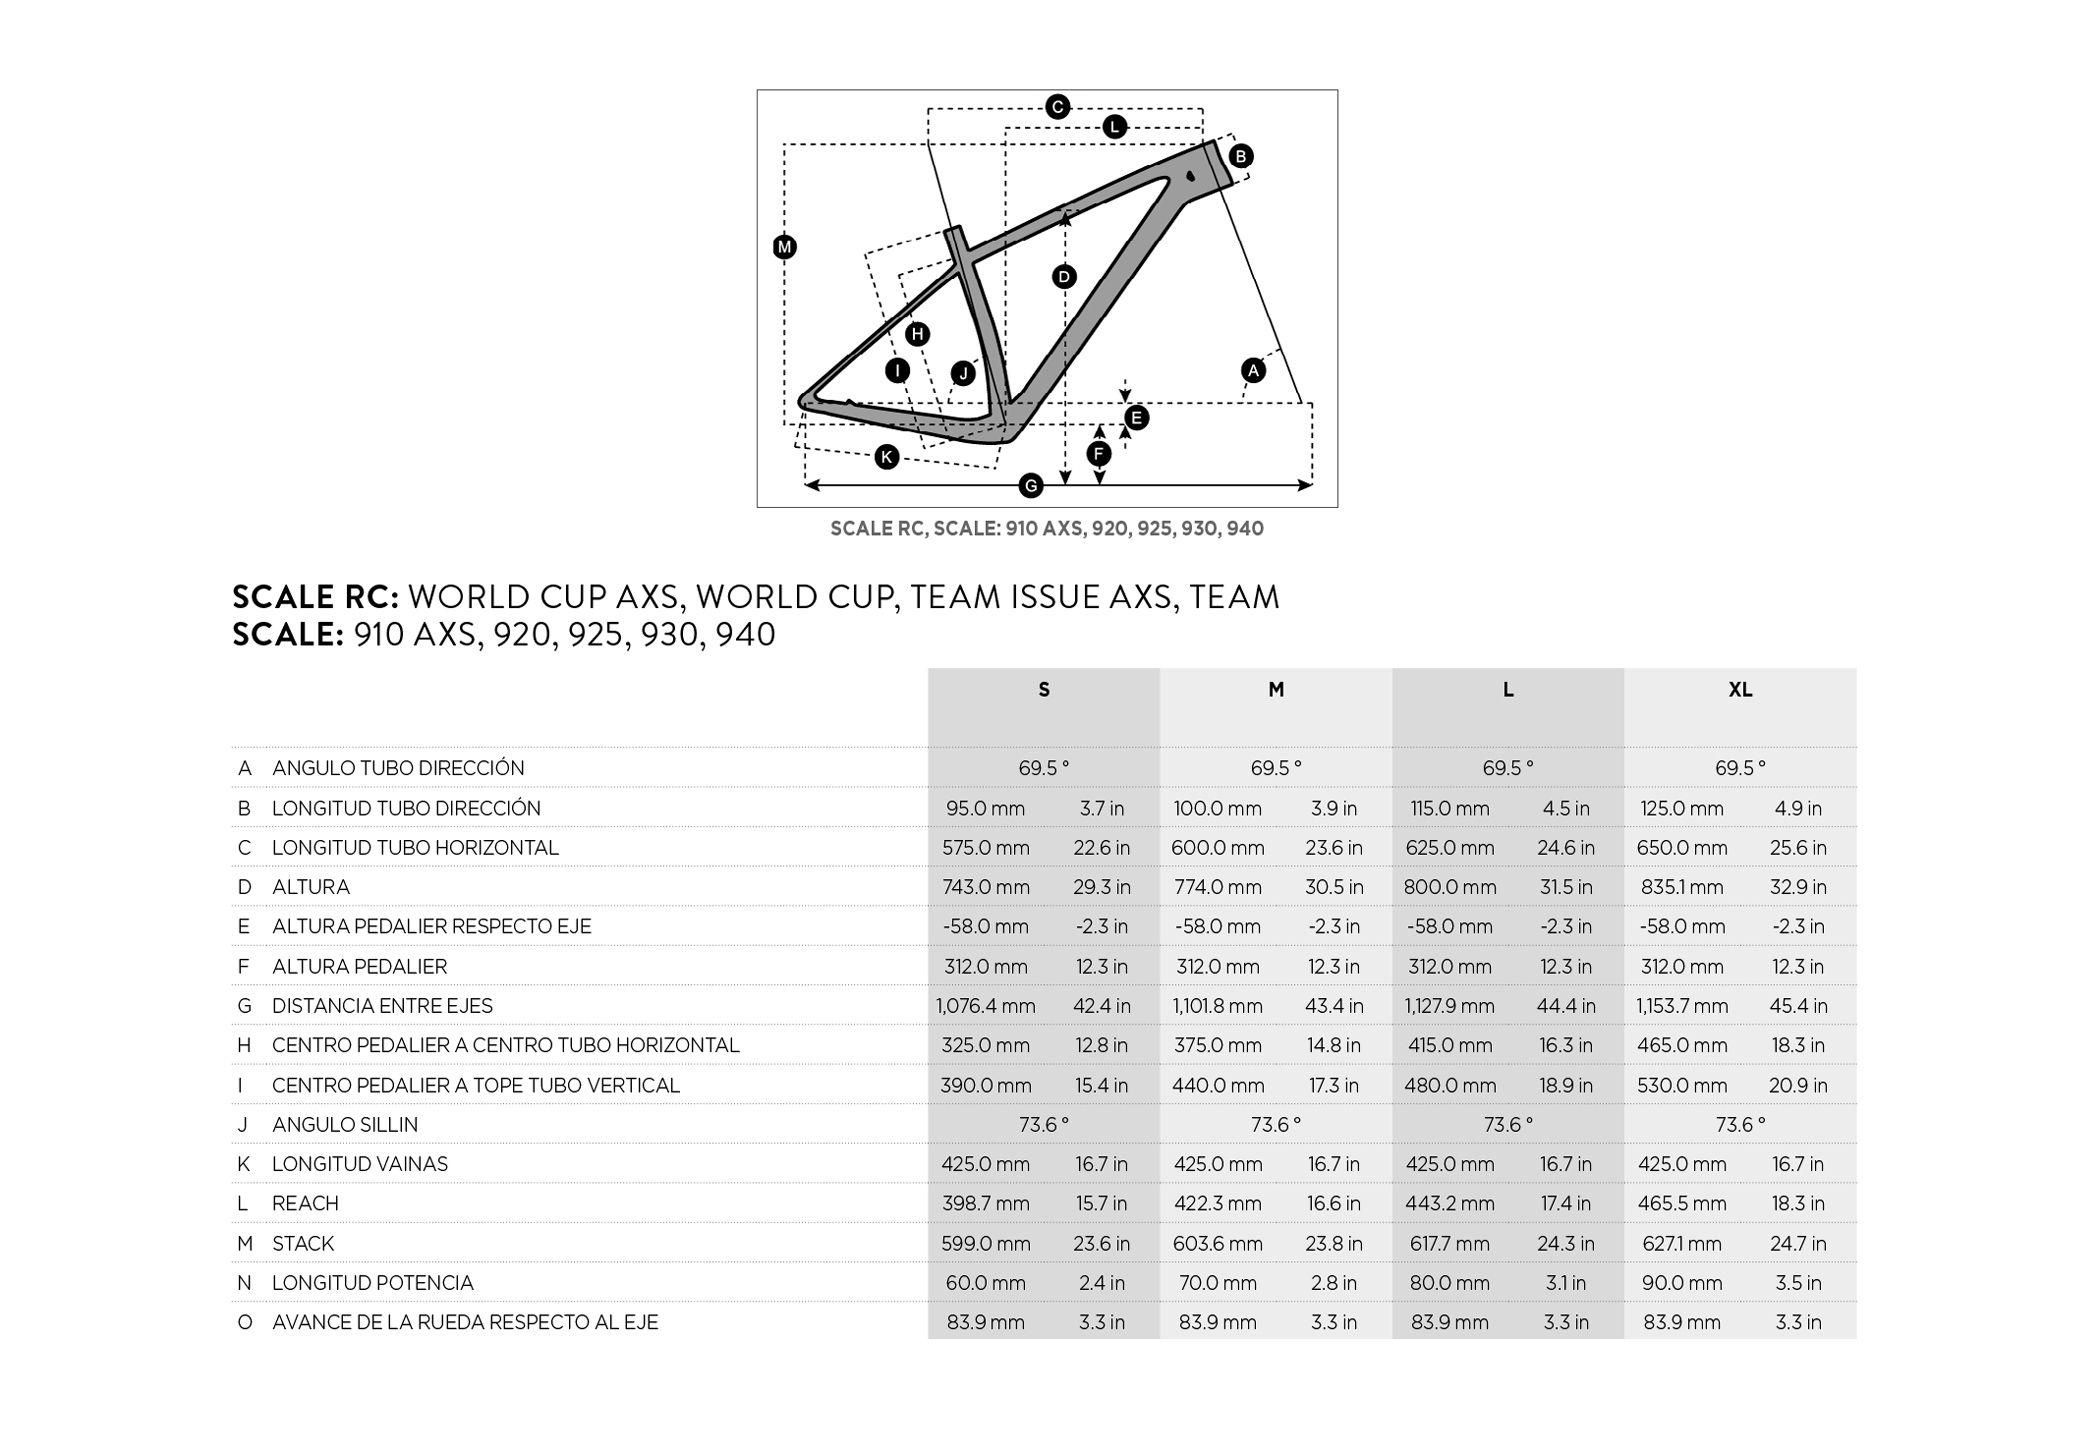 scott scale 2022 geometrias